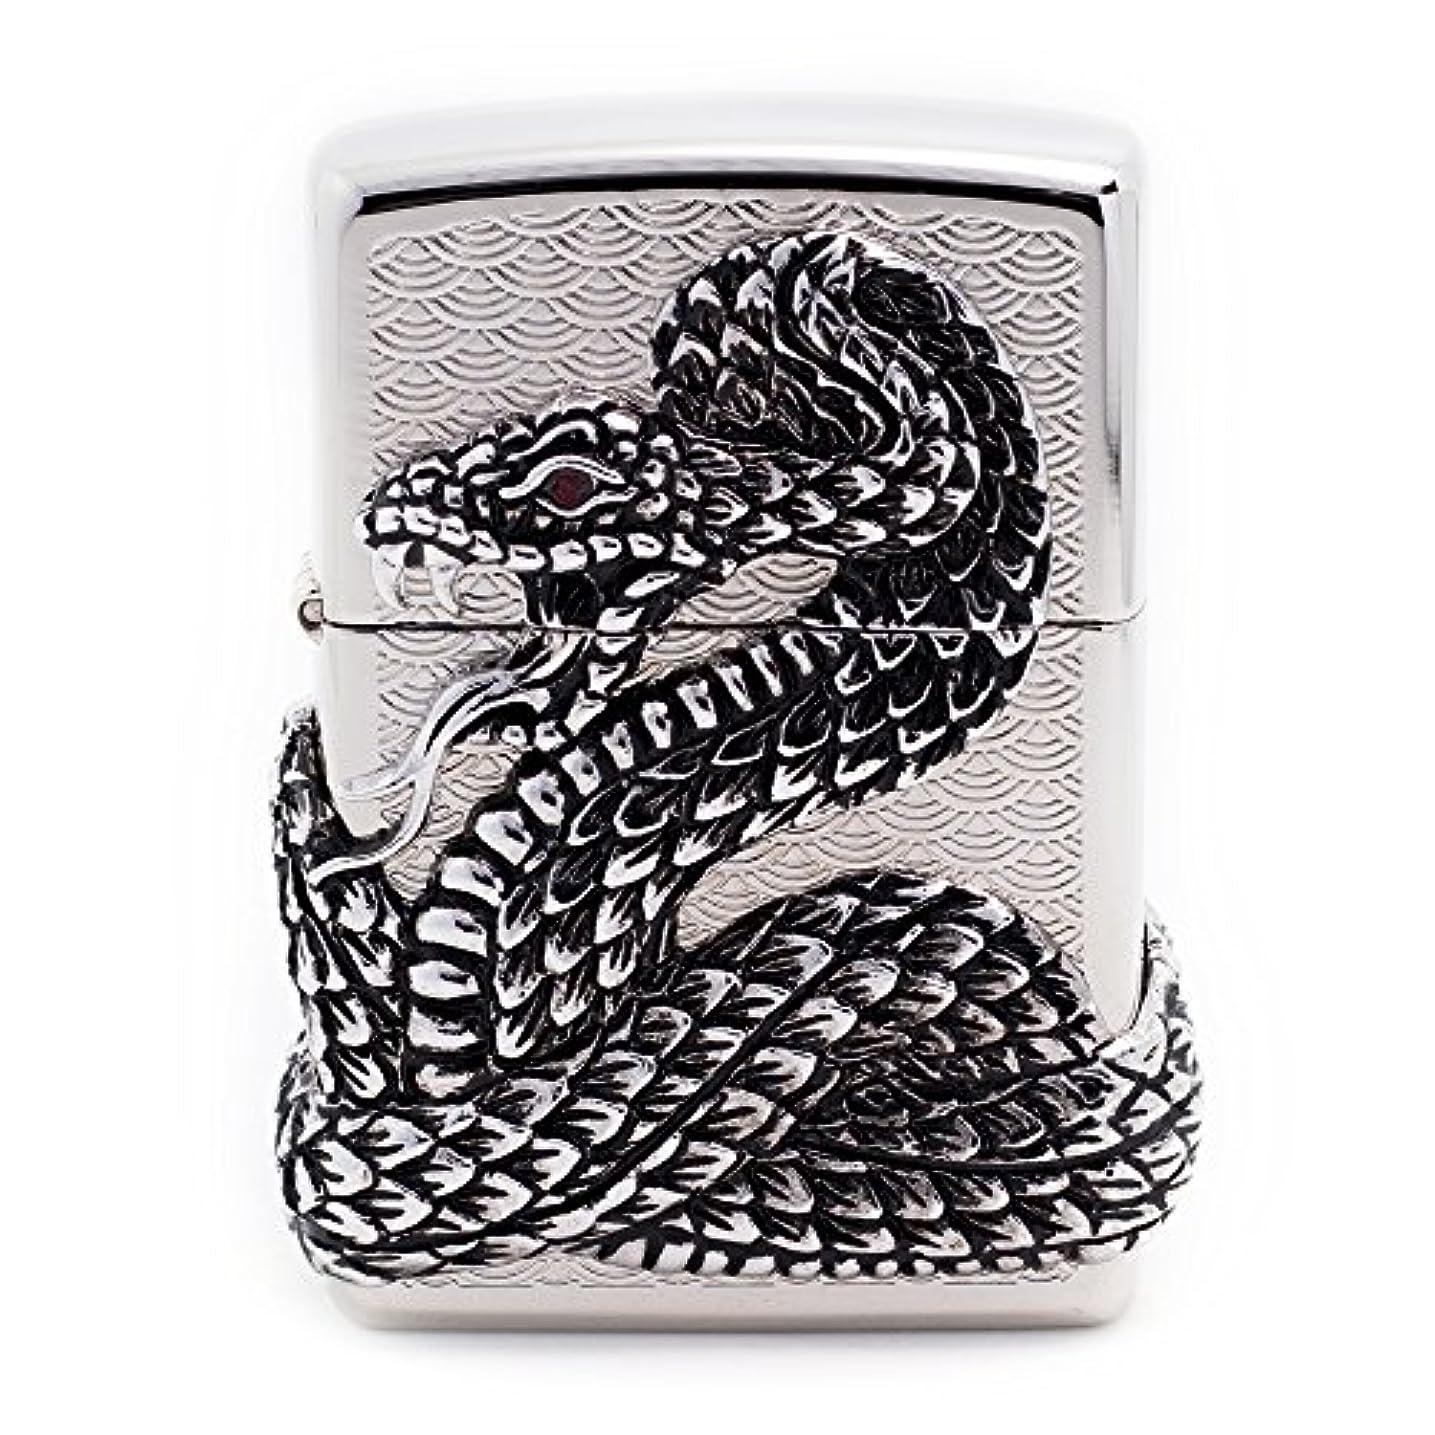 痛み鰐奇跡Zippo Snake Coil Sl Lighter ライター / 正真正銘の本物 / オリジナルパッキング(6フリントセット フリーギフト) [並行輸入品]